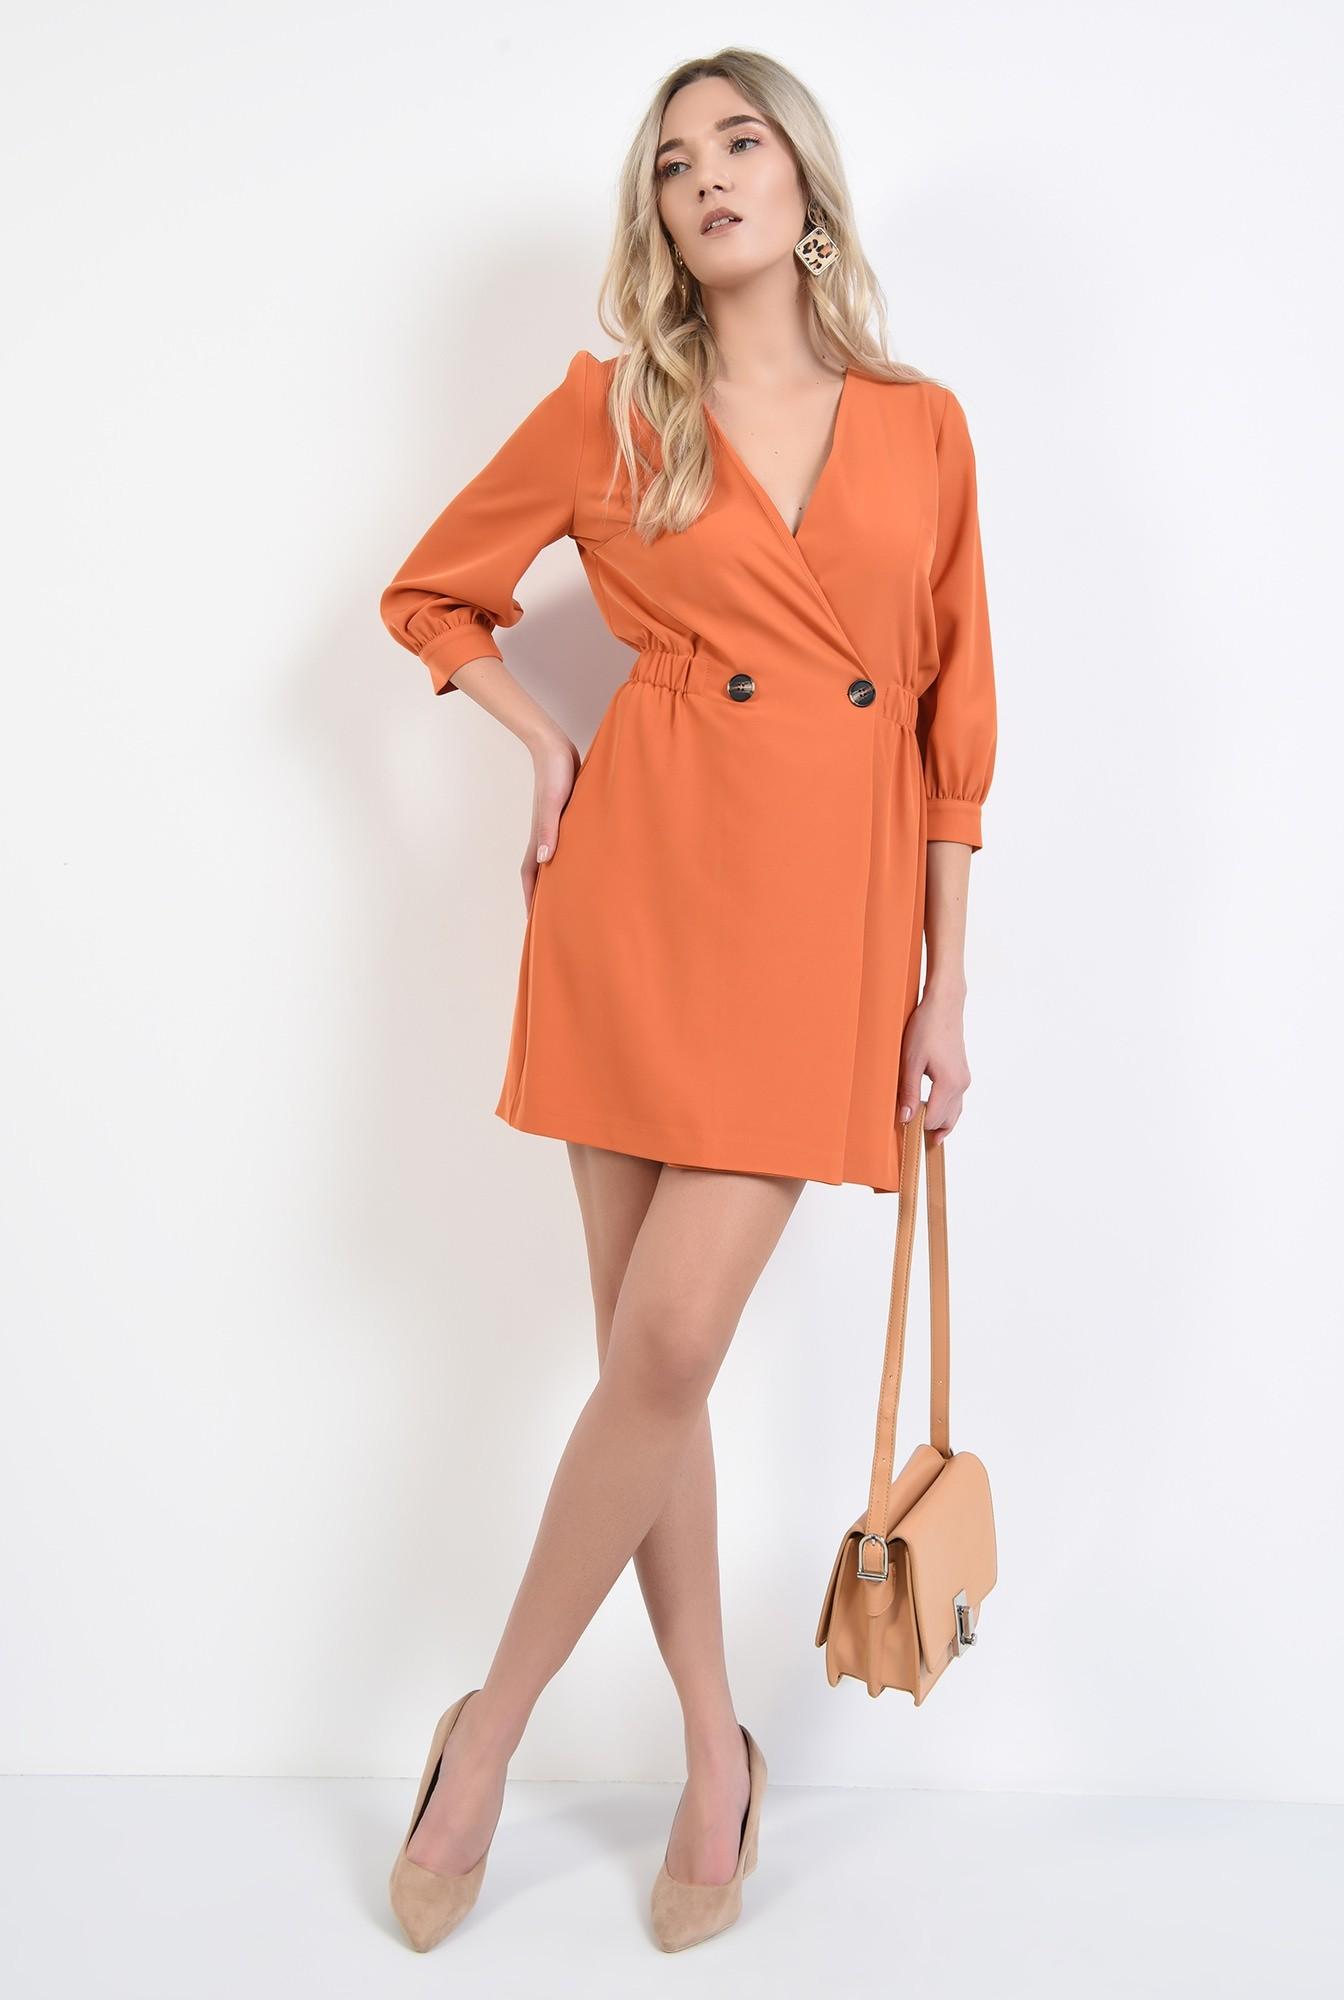 3 - rochie orange, mini, anchior petrecut, inchidere la doi nasturi